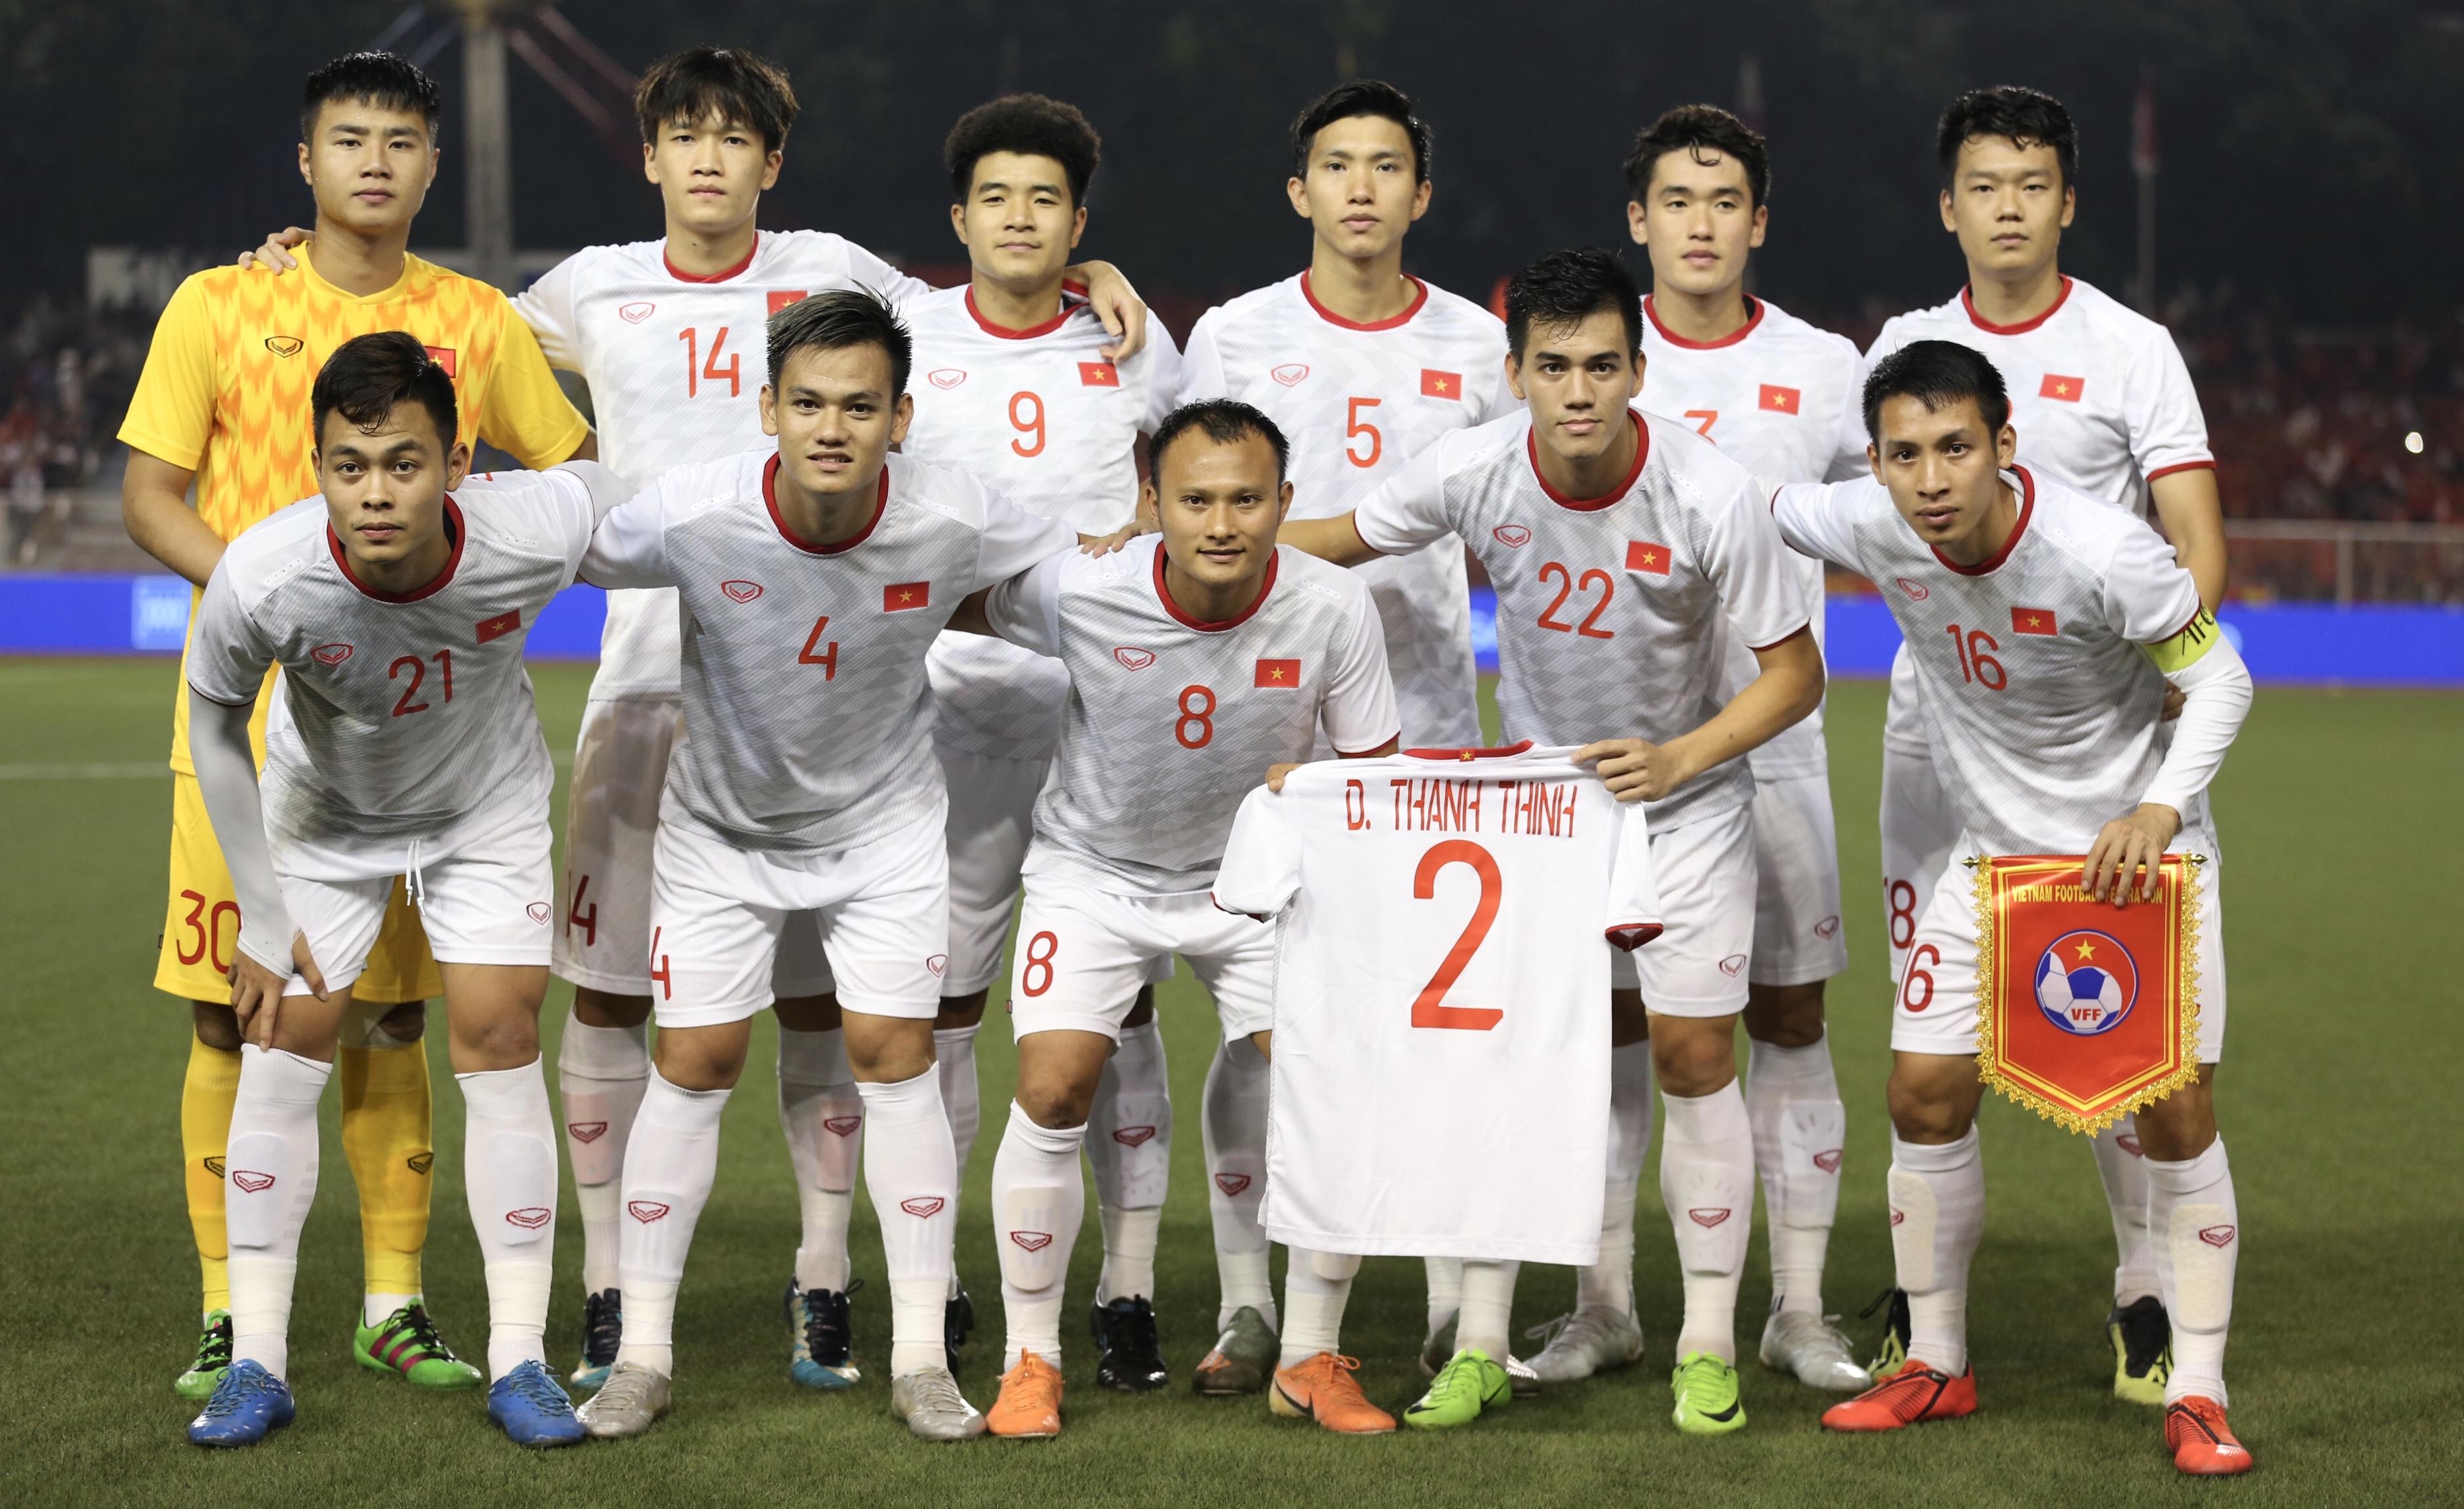 Năm 2020: Nấc thang danh vọng của bóng đá Việt Nam - Bóng Đá